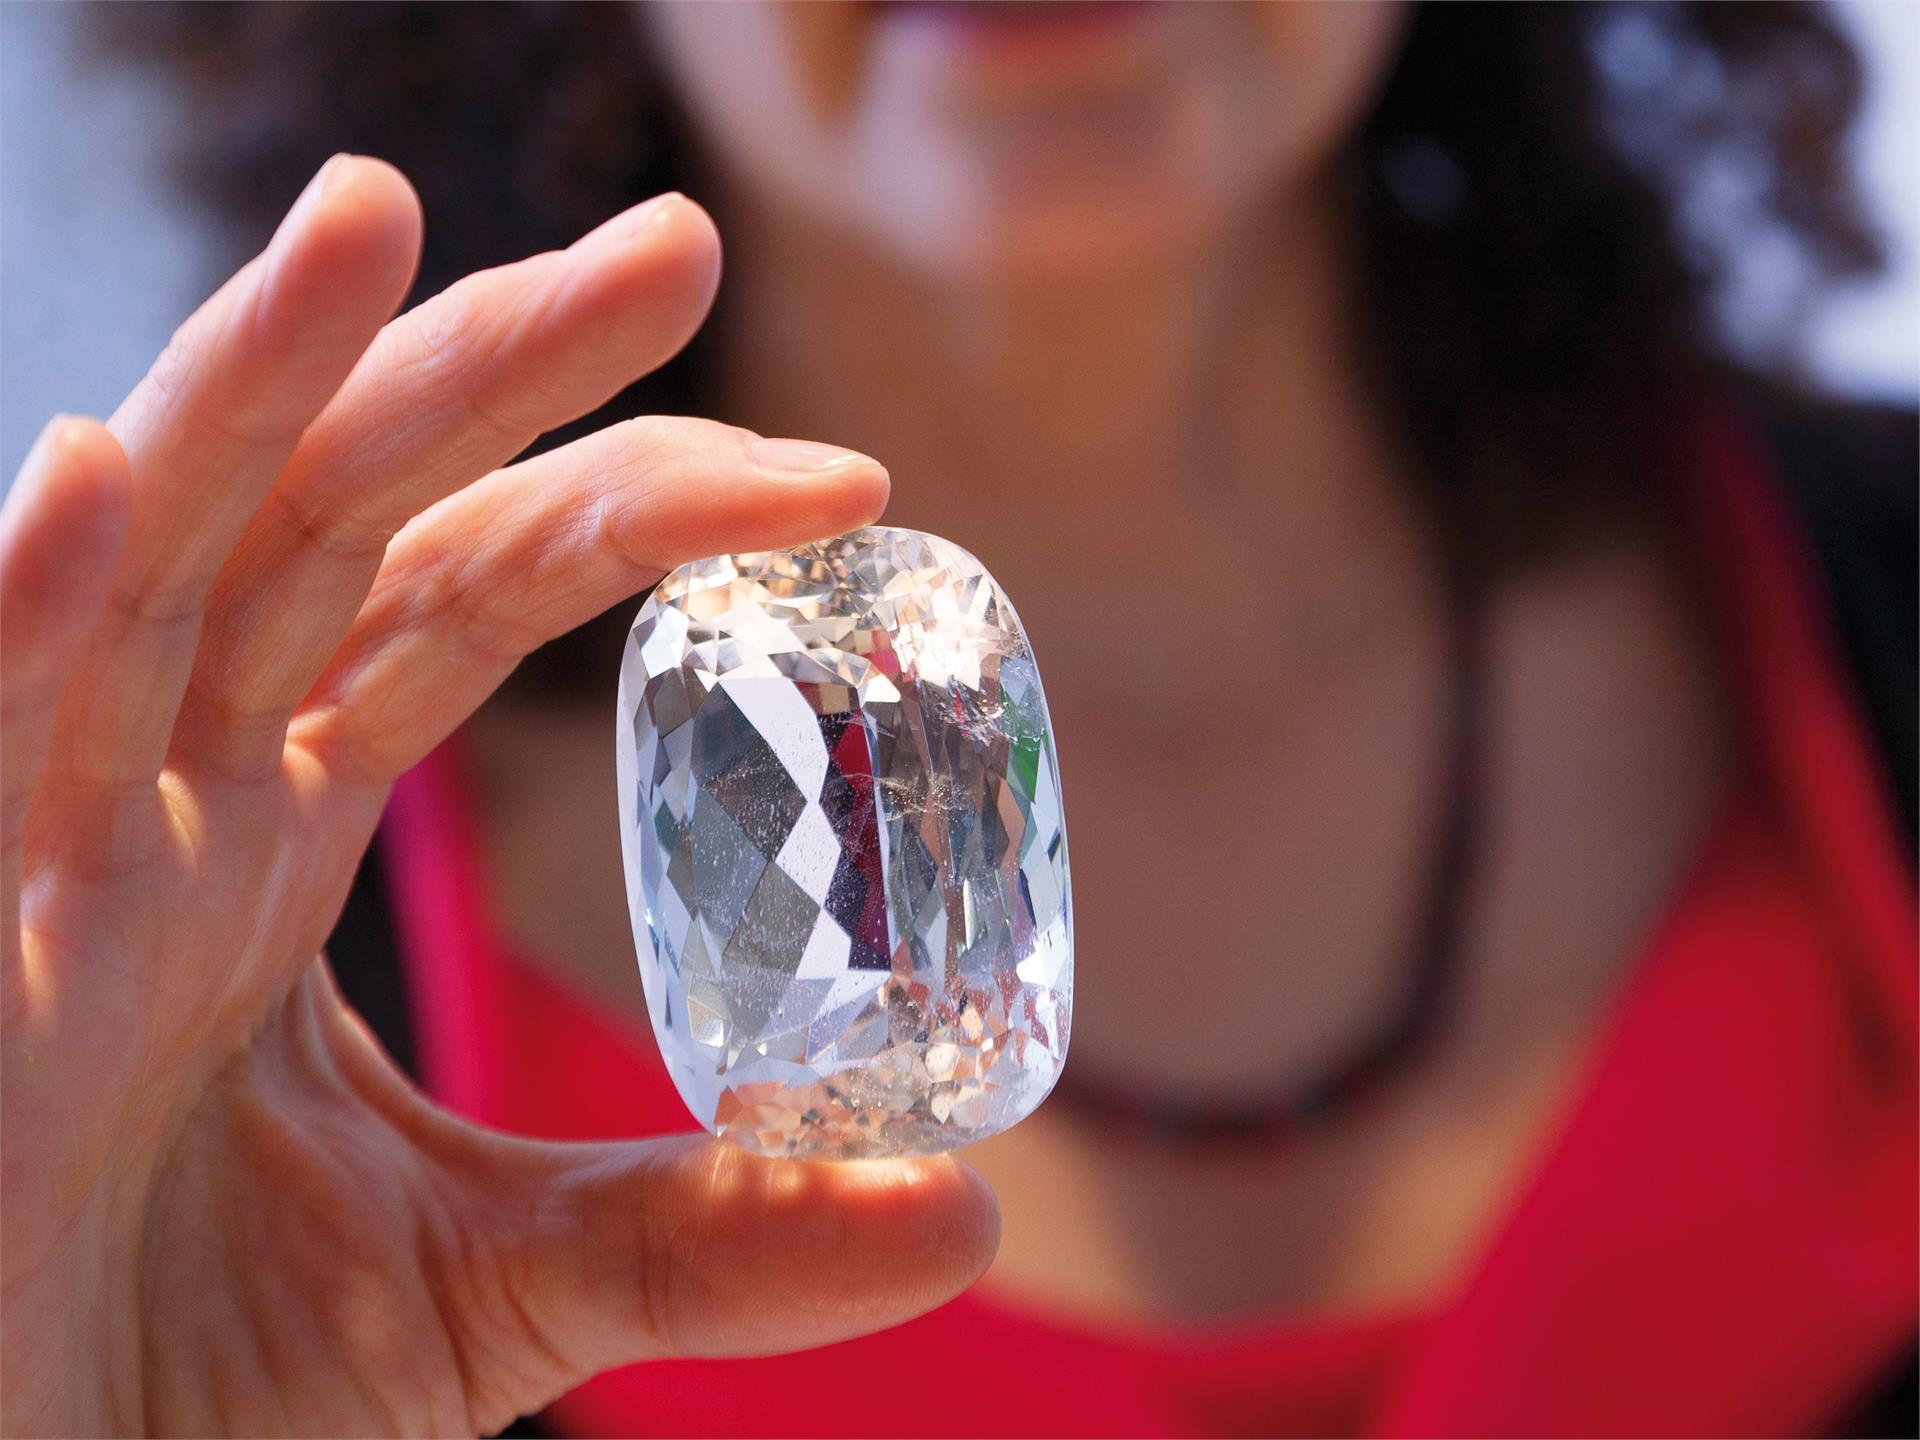 Krystallos